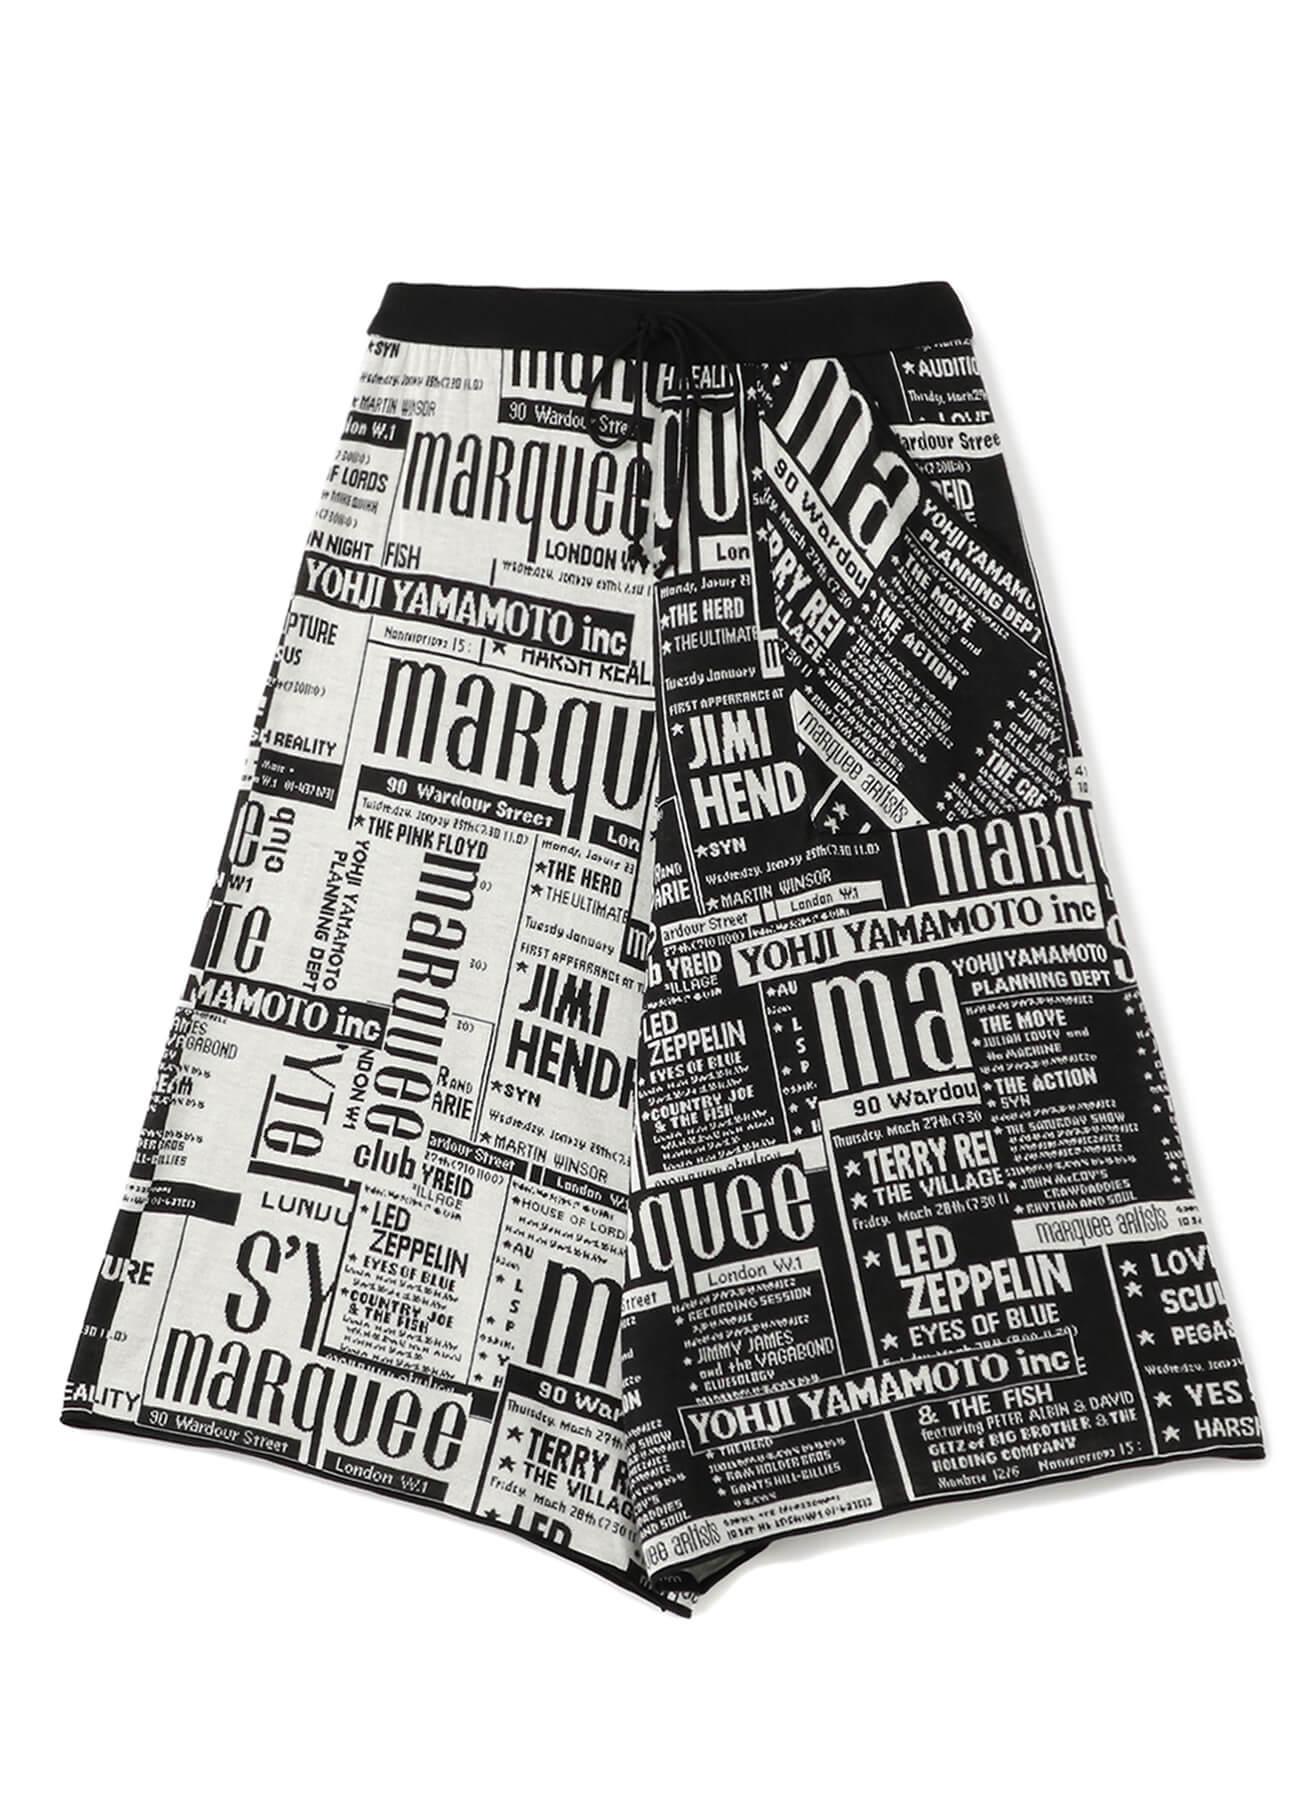 マーキー・クラブ®のライブ・ポスターを新聞紙風にコラージュしたパンツ 32,000円